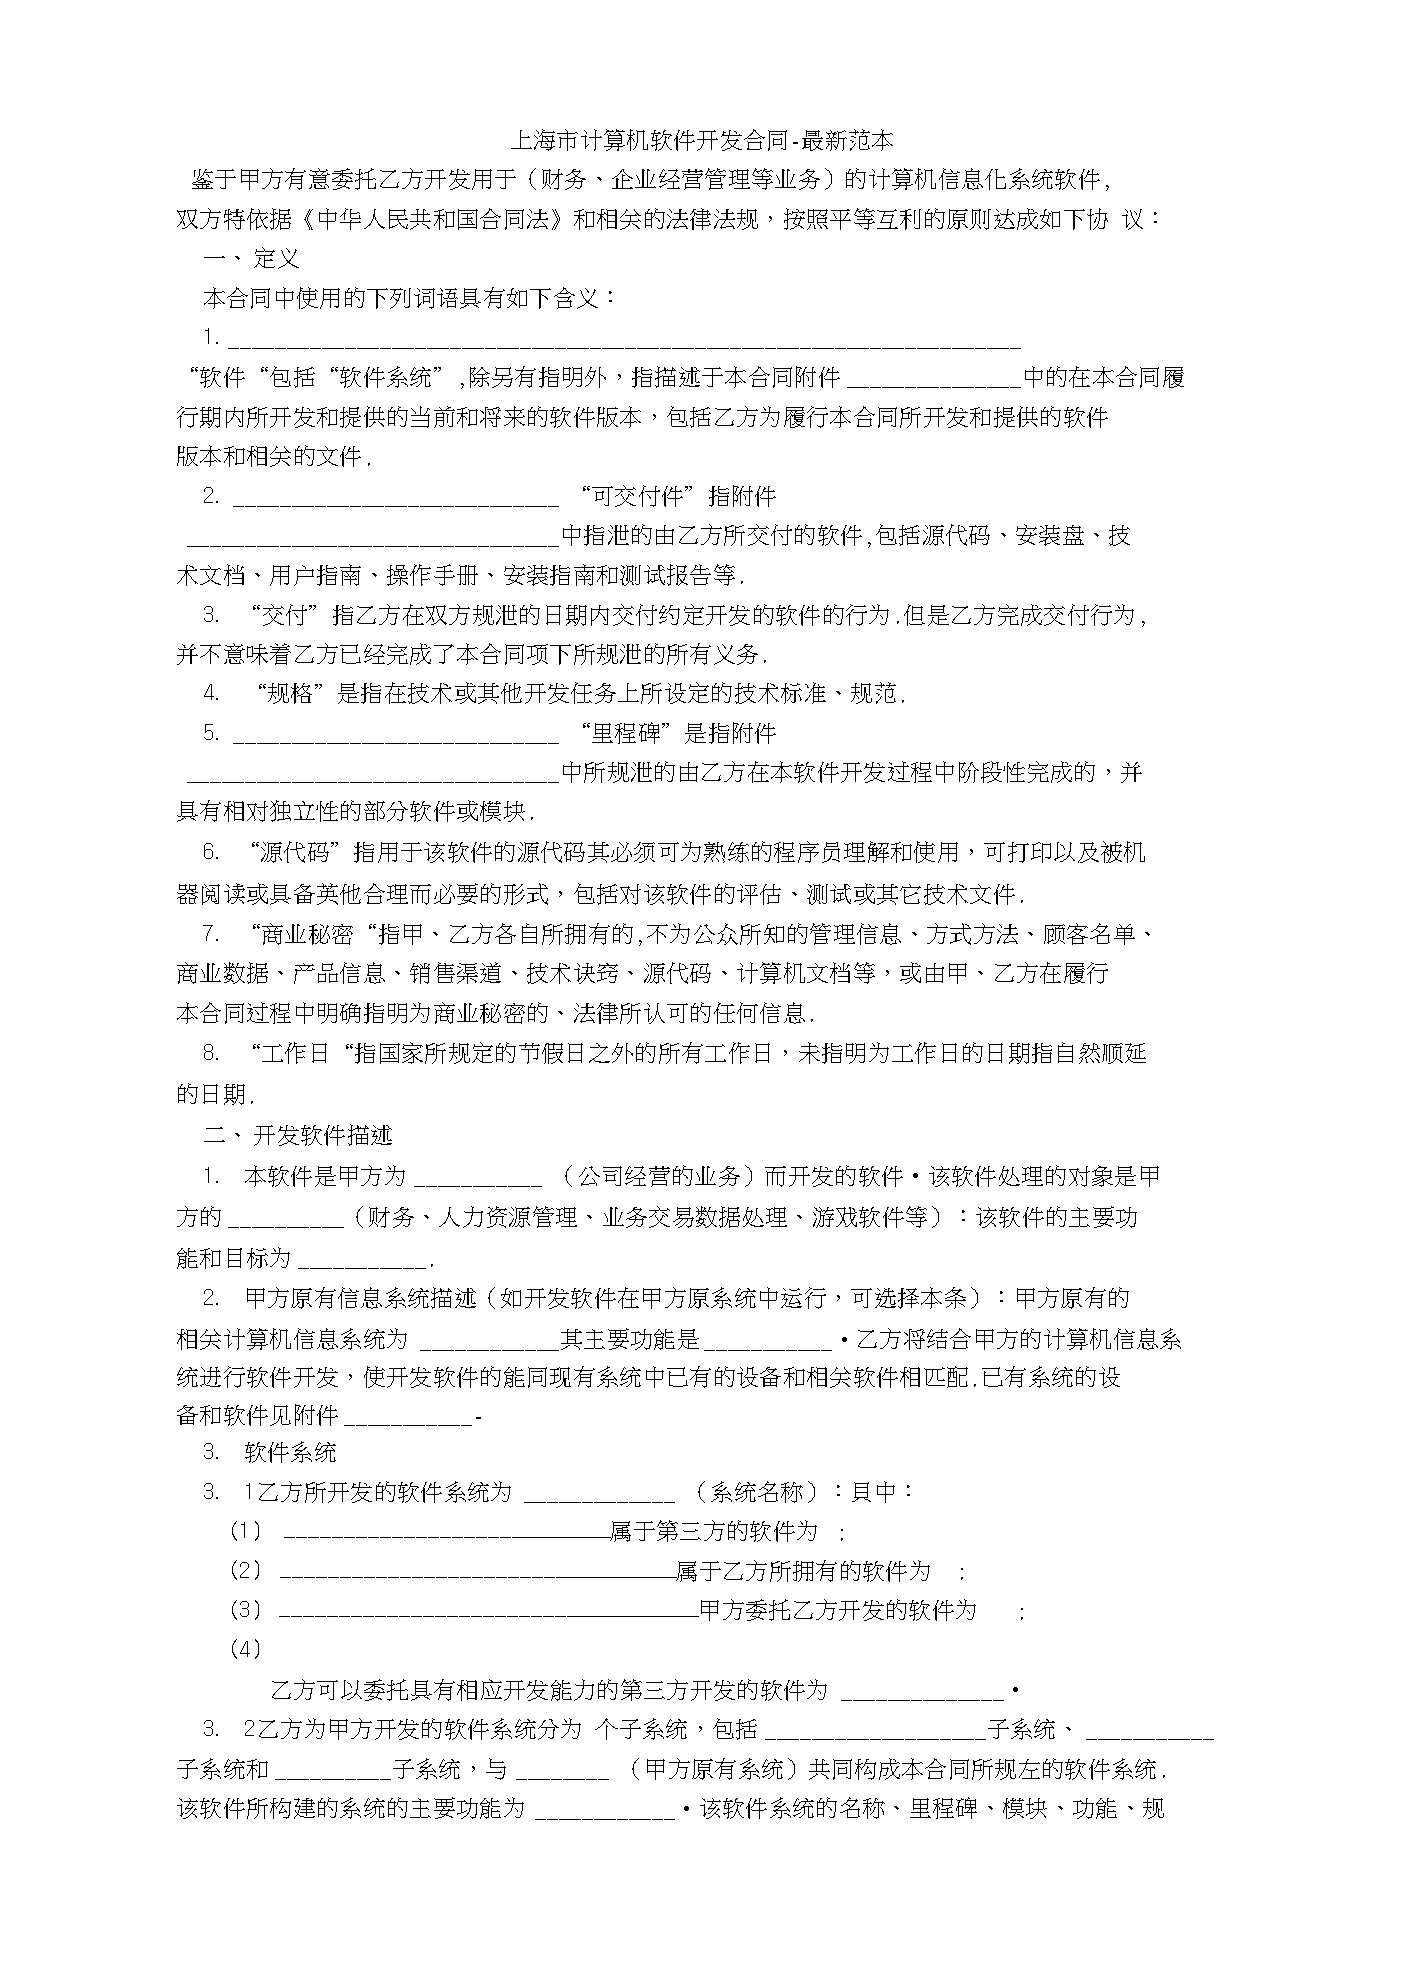 上海市计算机软件开发合同-最新范本.docx